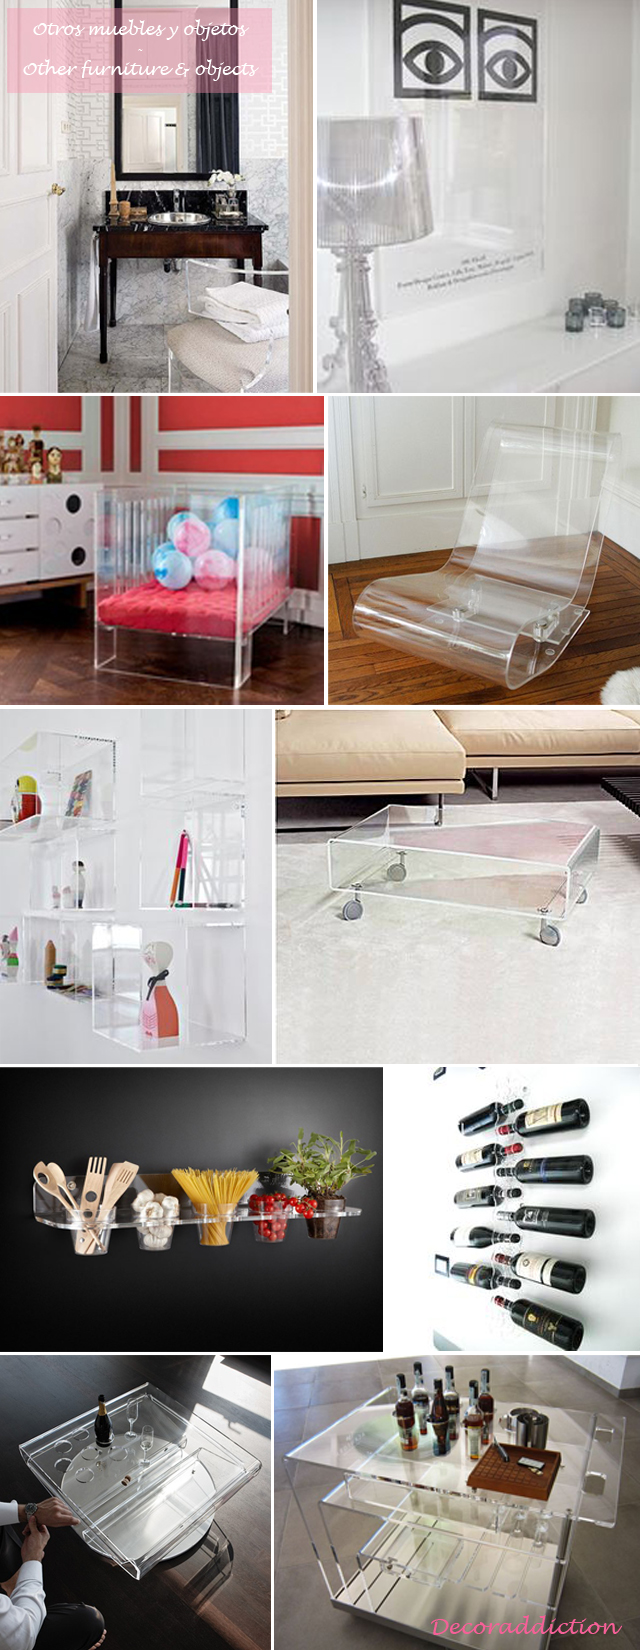 Liberar espacio de manera visual - Freeing space visually_Otros objetos